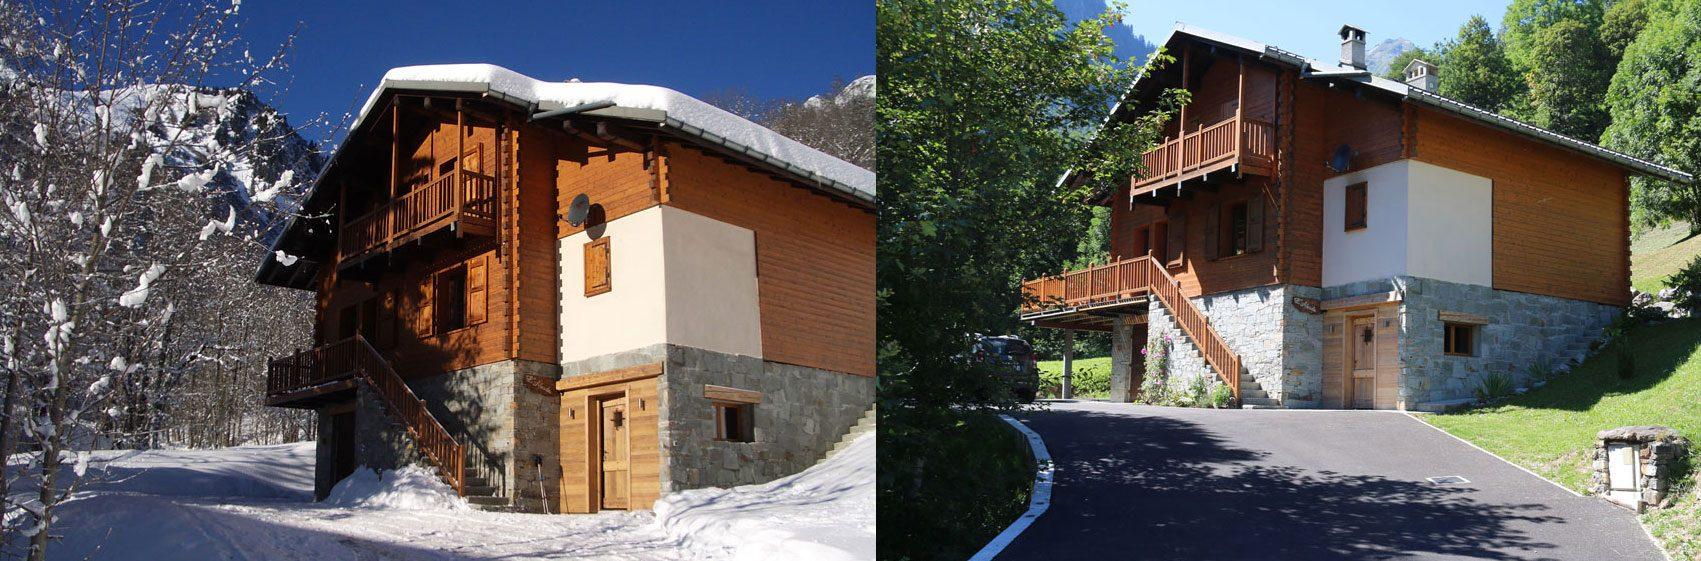 Chalet en Savoie Mont-Blanc coté hiver - été